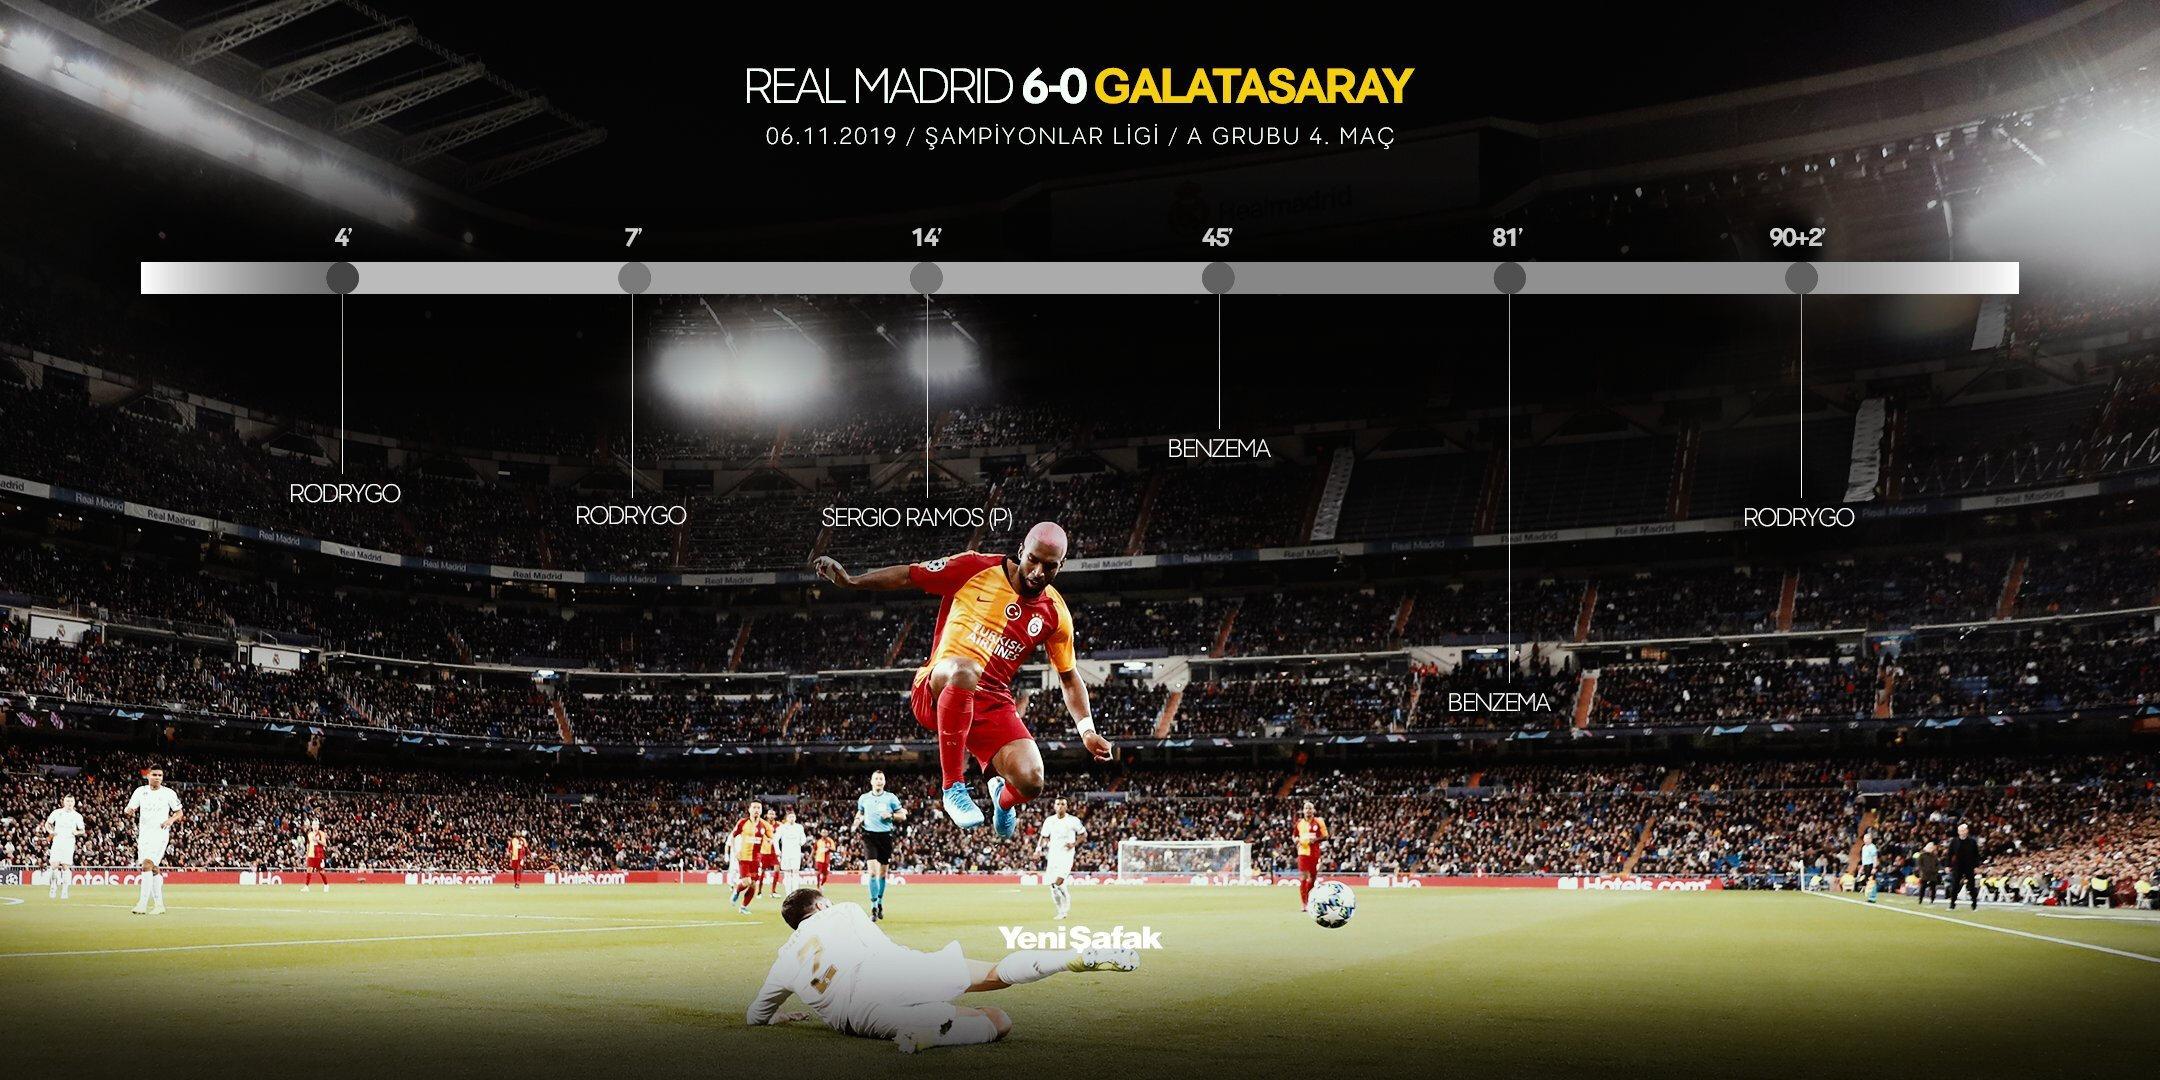 Şampiyonlar Ligi'ndeki temsilcimiz Galatasaray, gruptaki 4. maçında Real Madrid'e 6-0 mağlup oldu ve turnuvaya veda etti.n